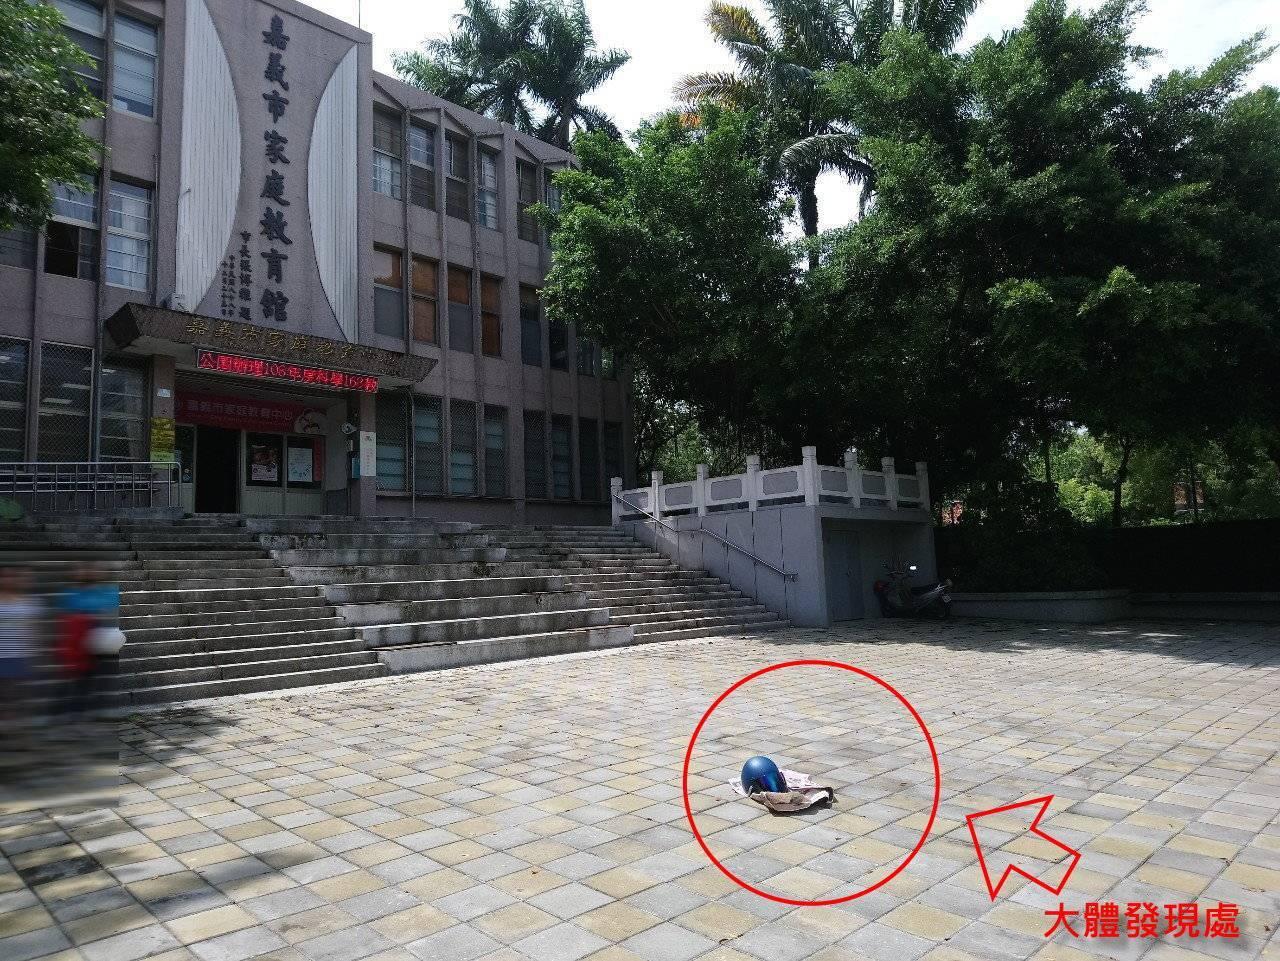 嘉義市動物守護協會日前接獲民眾通知,一隻幼貓遺體遭丟棄在嘉義市家庭教育中心門口,...